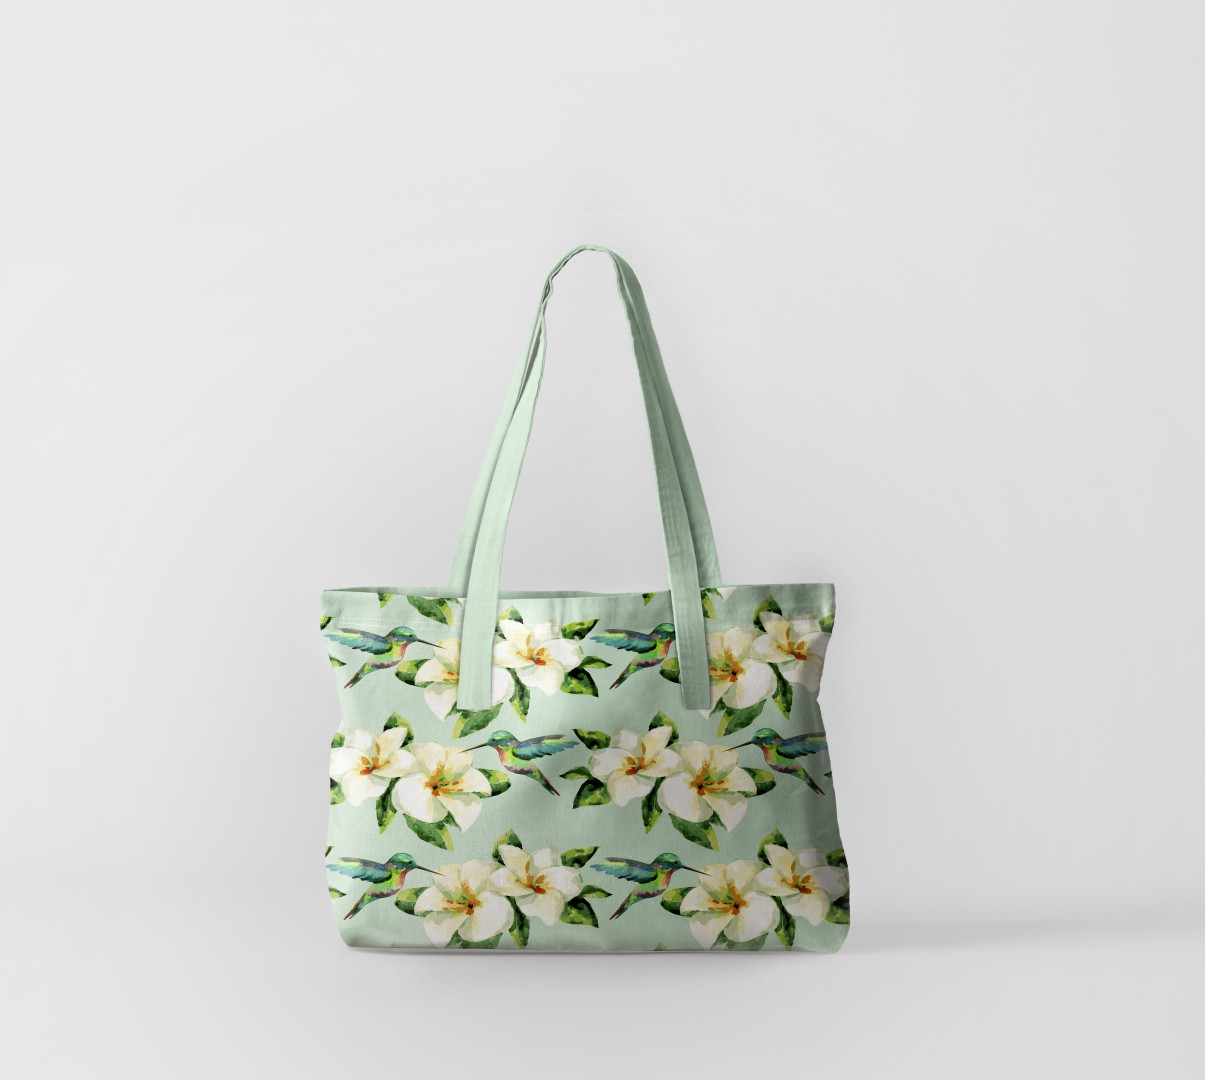 Пляжная сумка Маленькие колибри (50х40 см) Олимп Текстиль oli732580